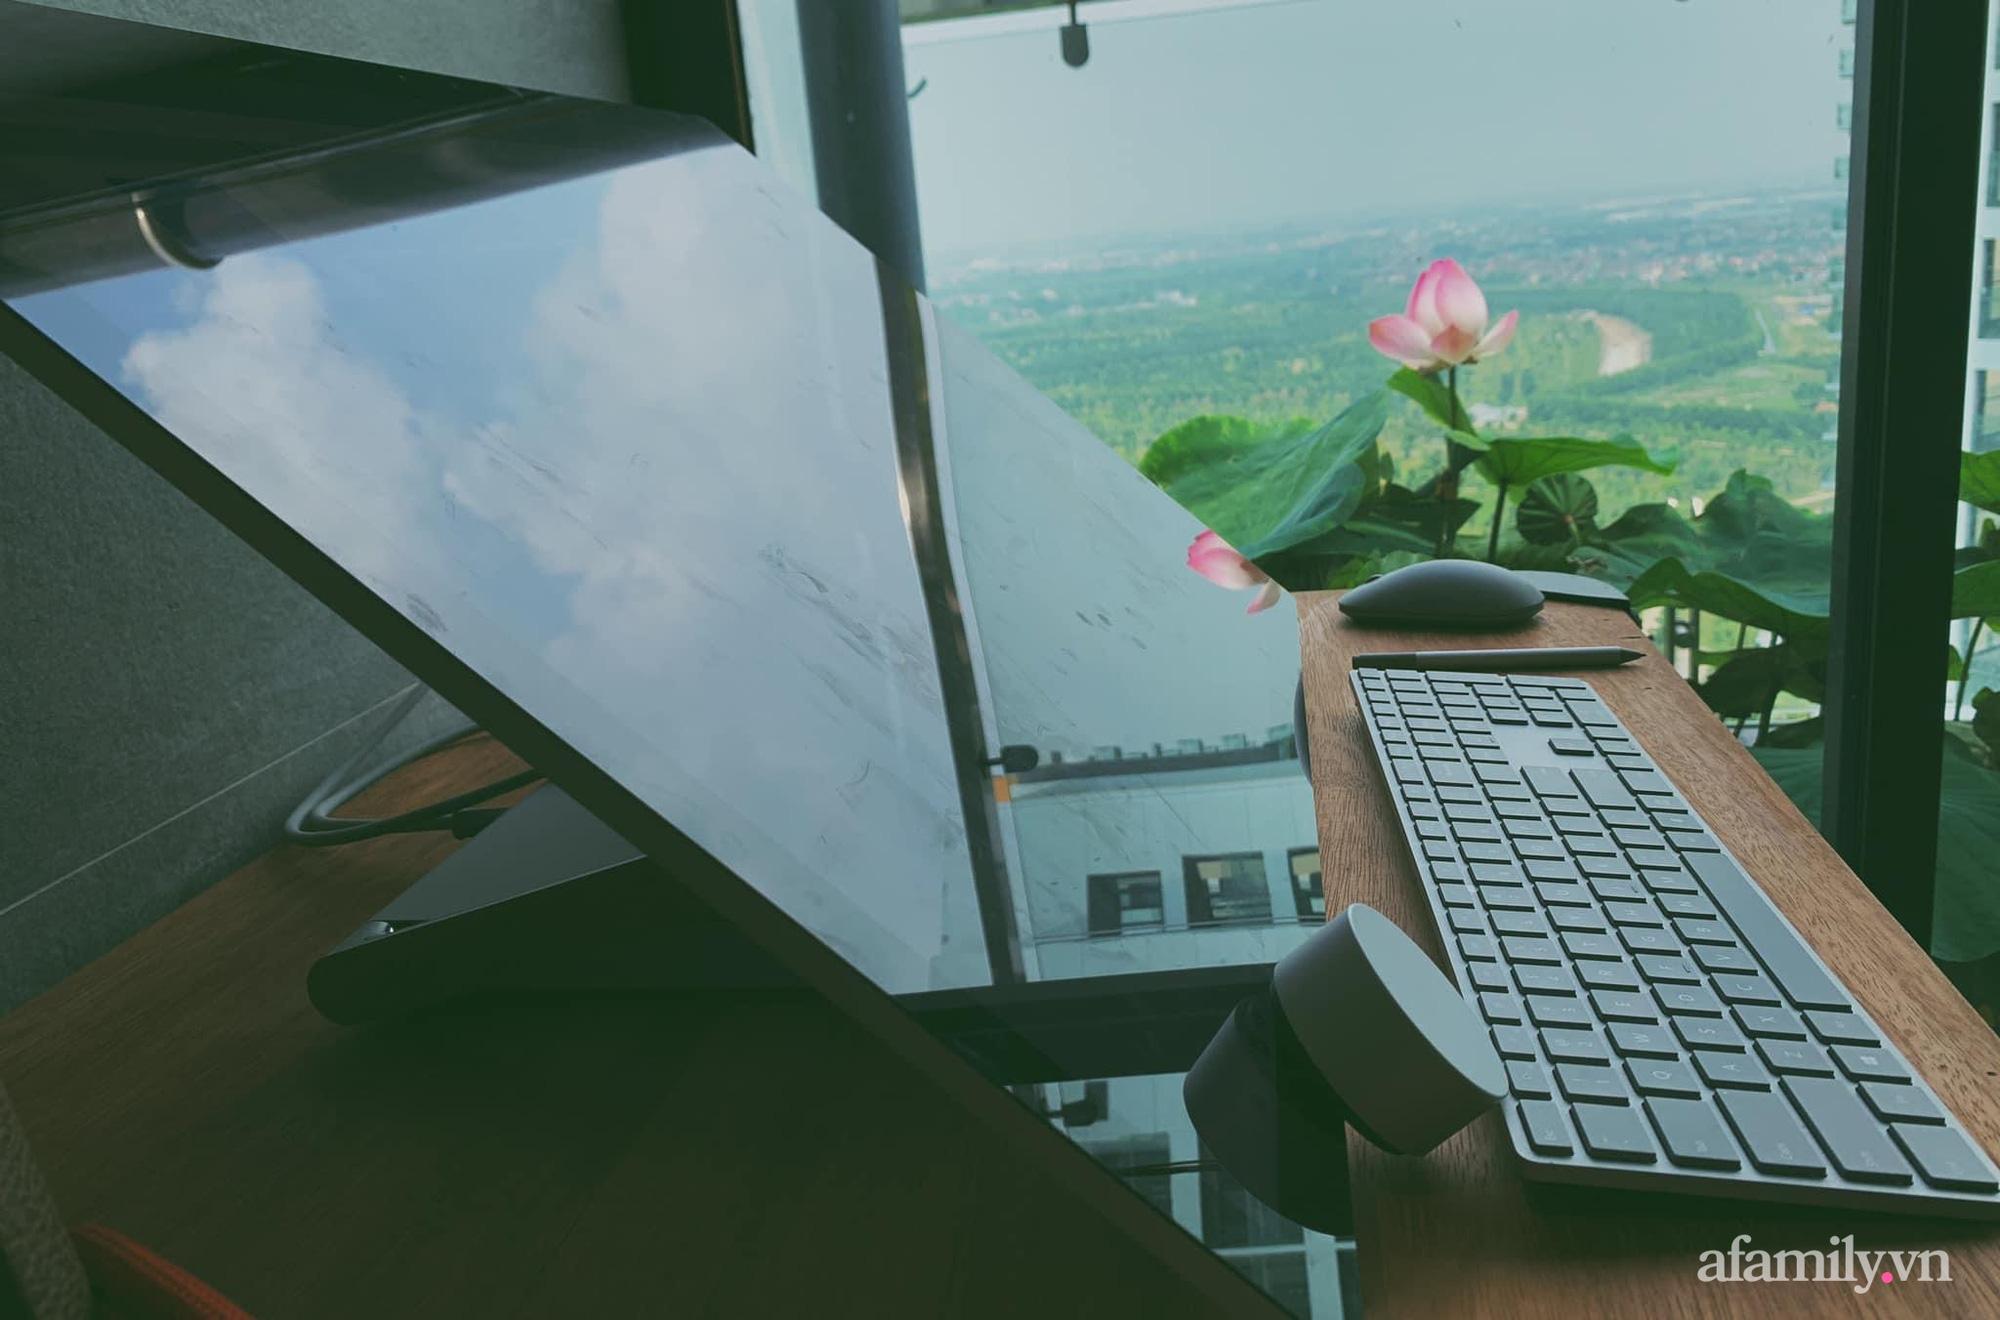 """""""Hồ sen"""" với đủ loại hoa hiếm trên penthouse 300m² của travel blogger dành tặng vợ ở Hà Nội - Ảnh 20."""